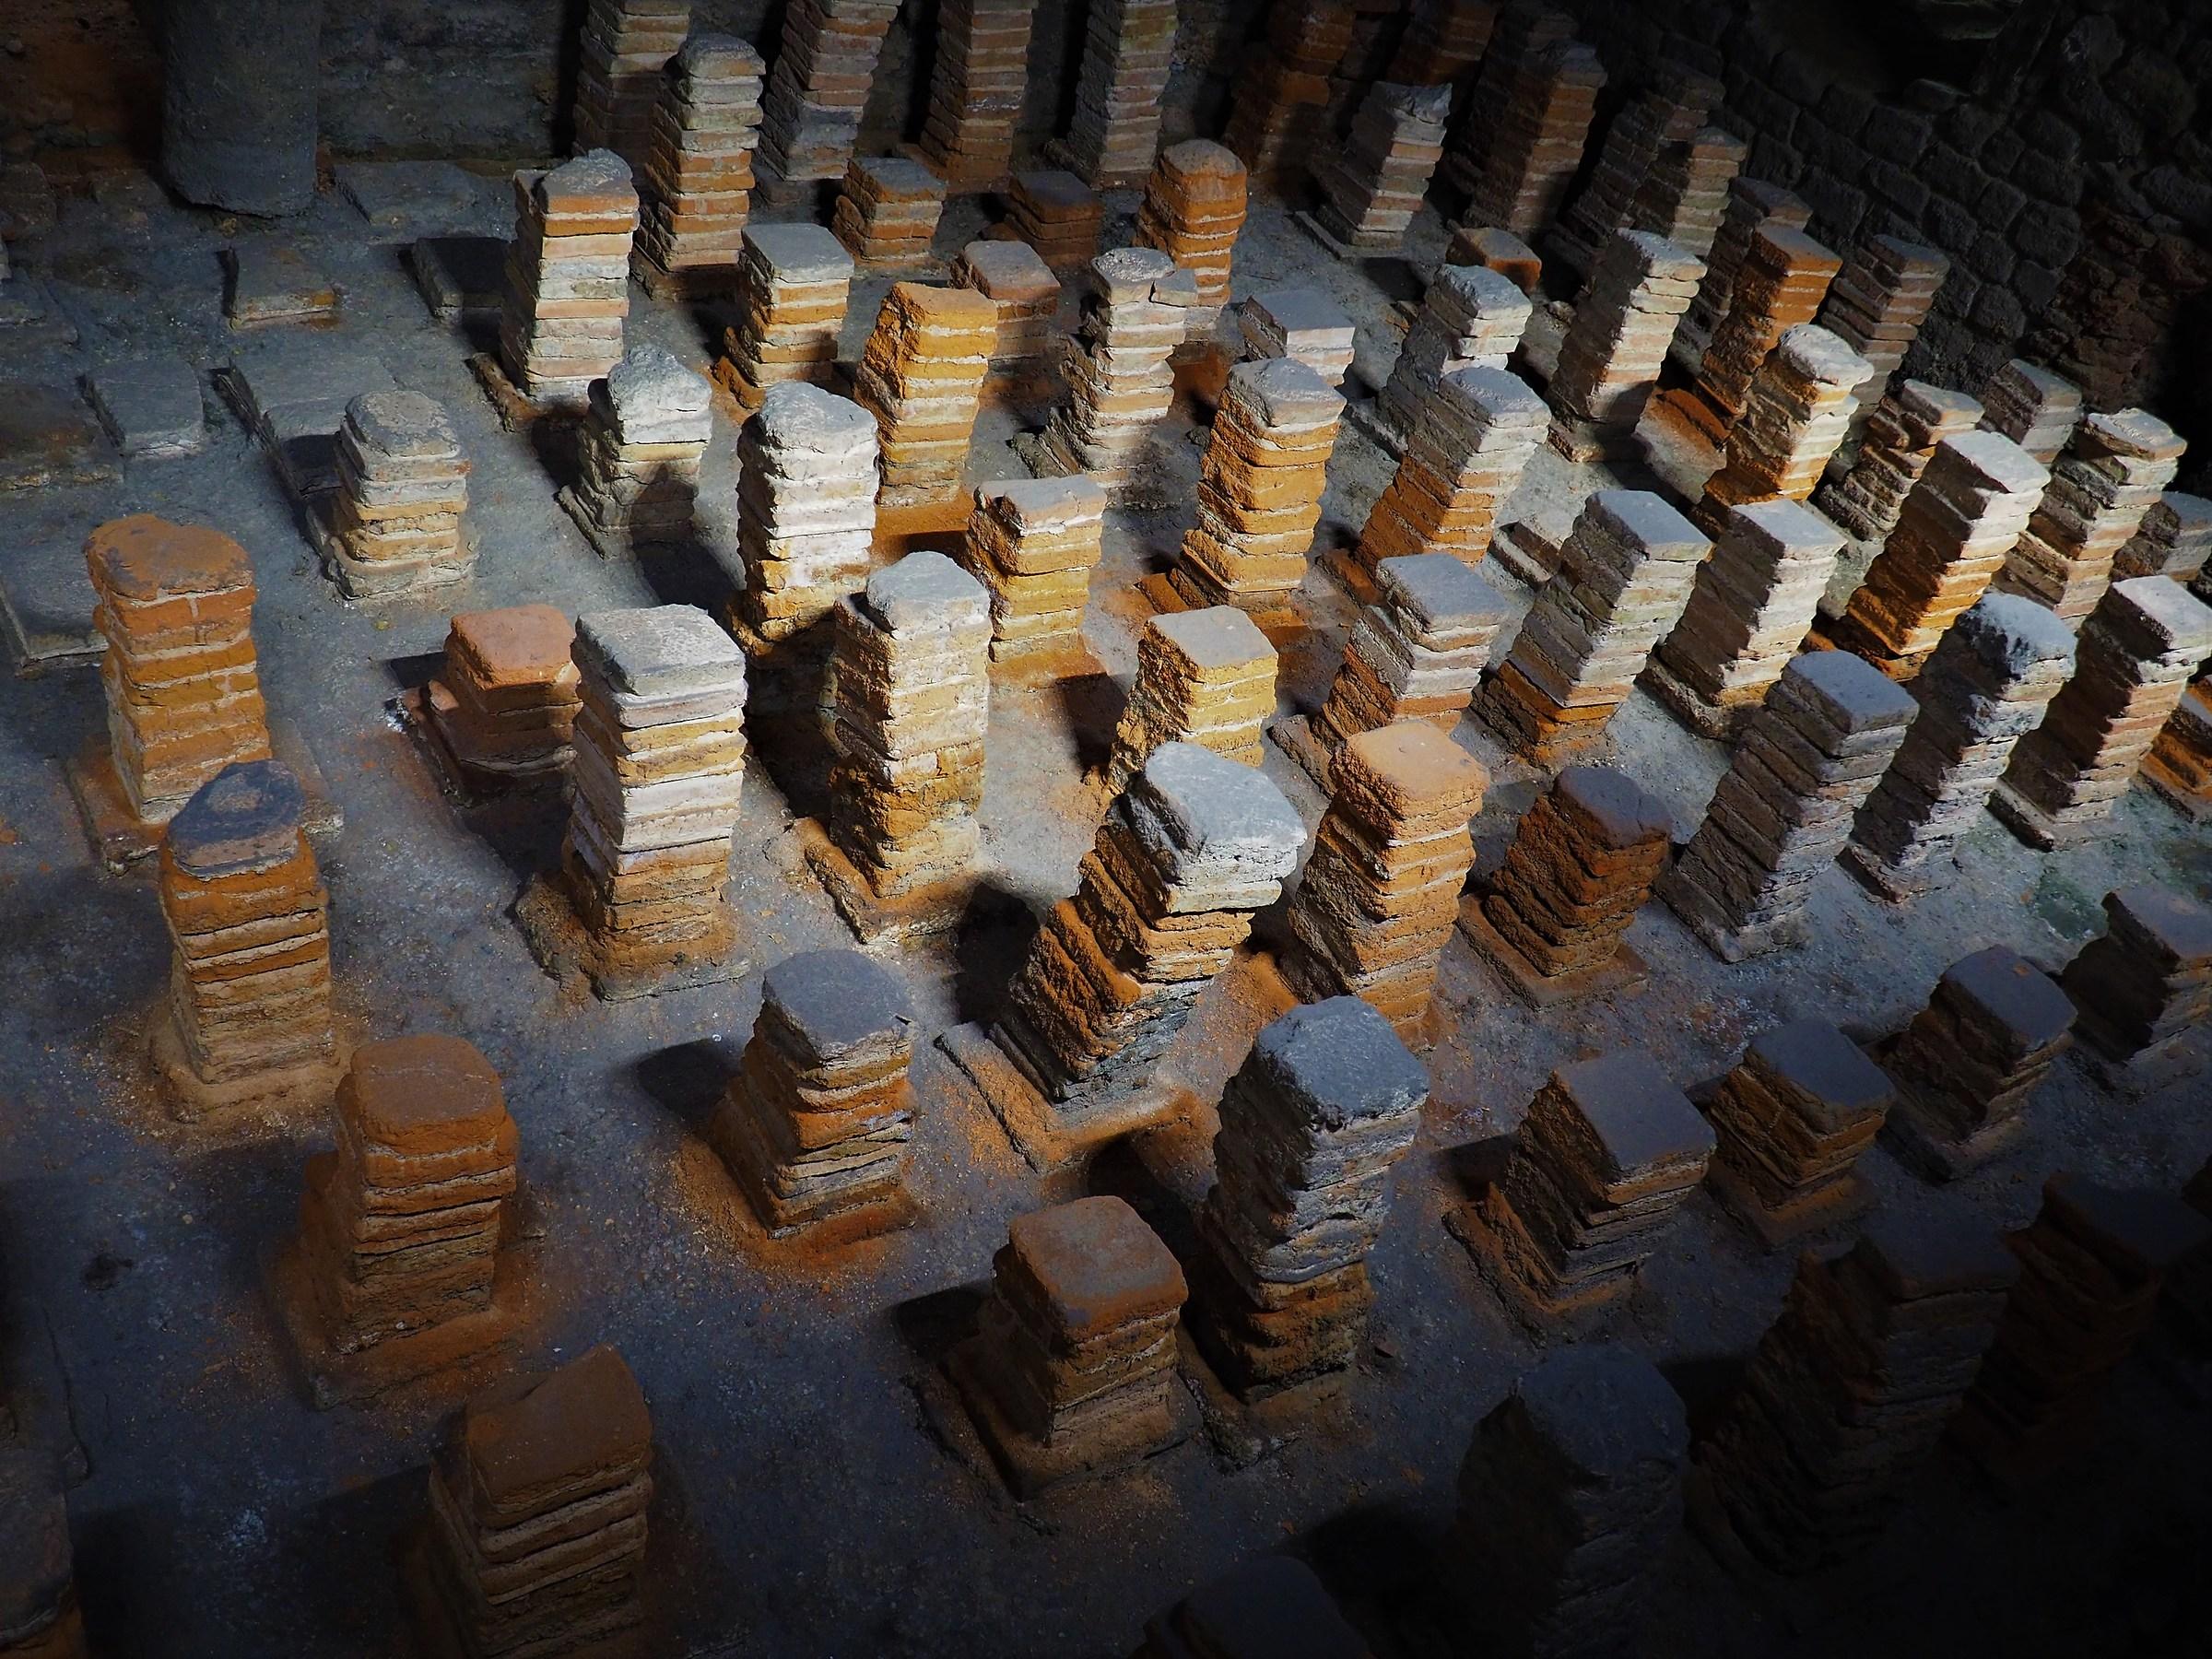 Resti di terme romane a Bath (Inghilterra)...